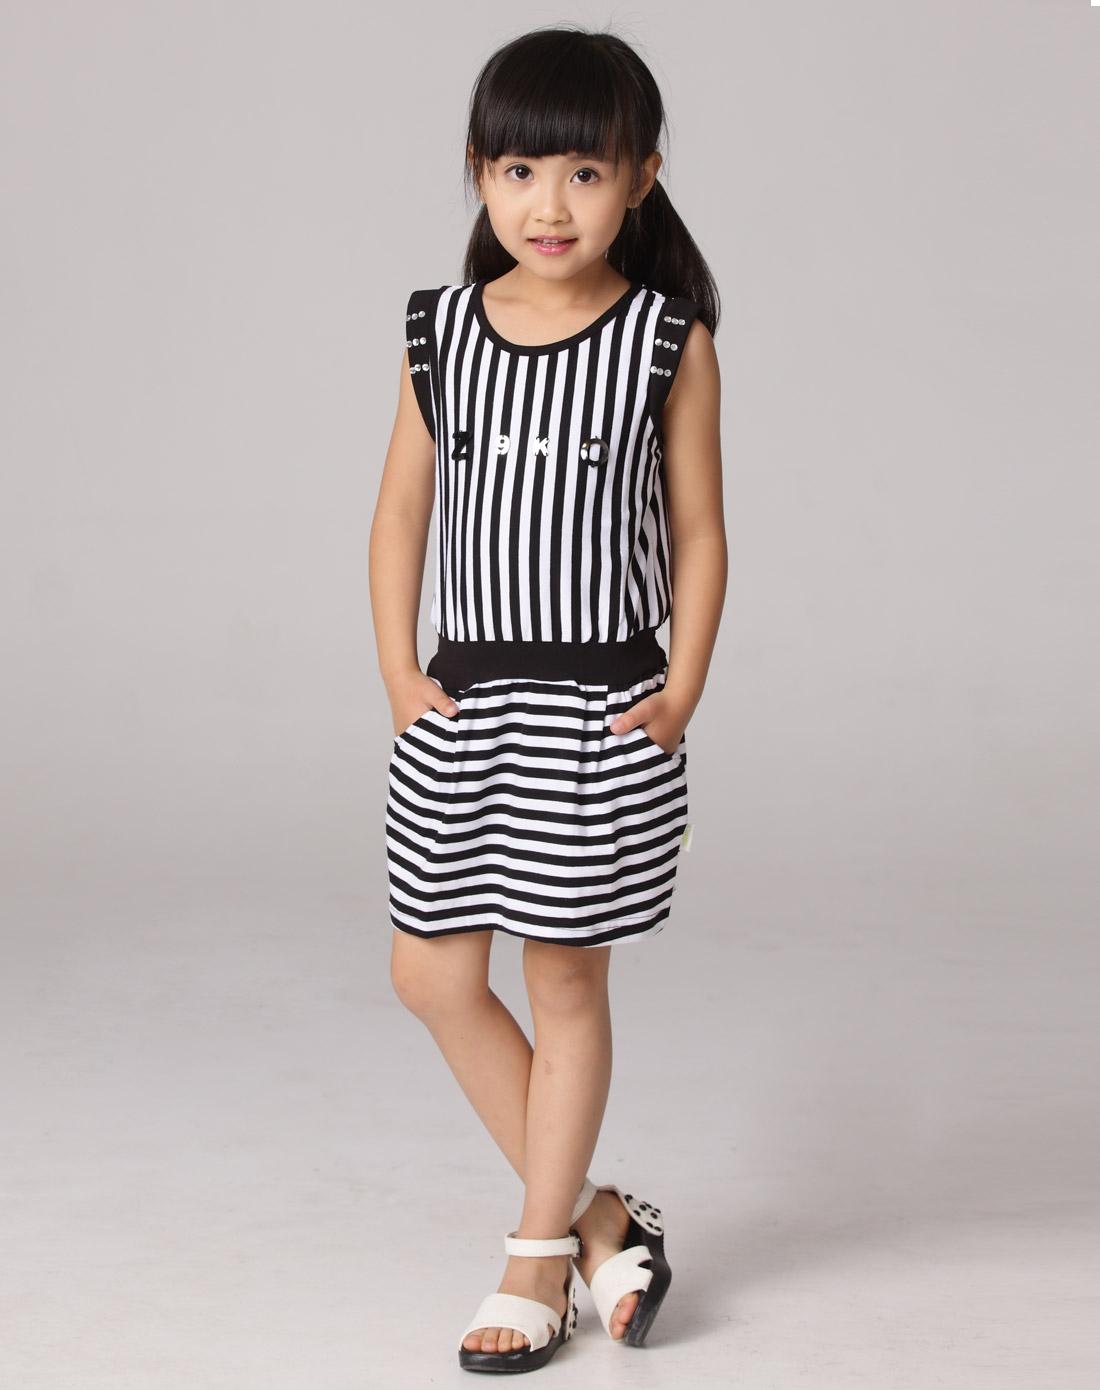 女童黑色连衣裙